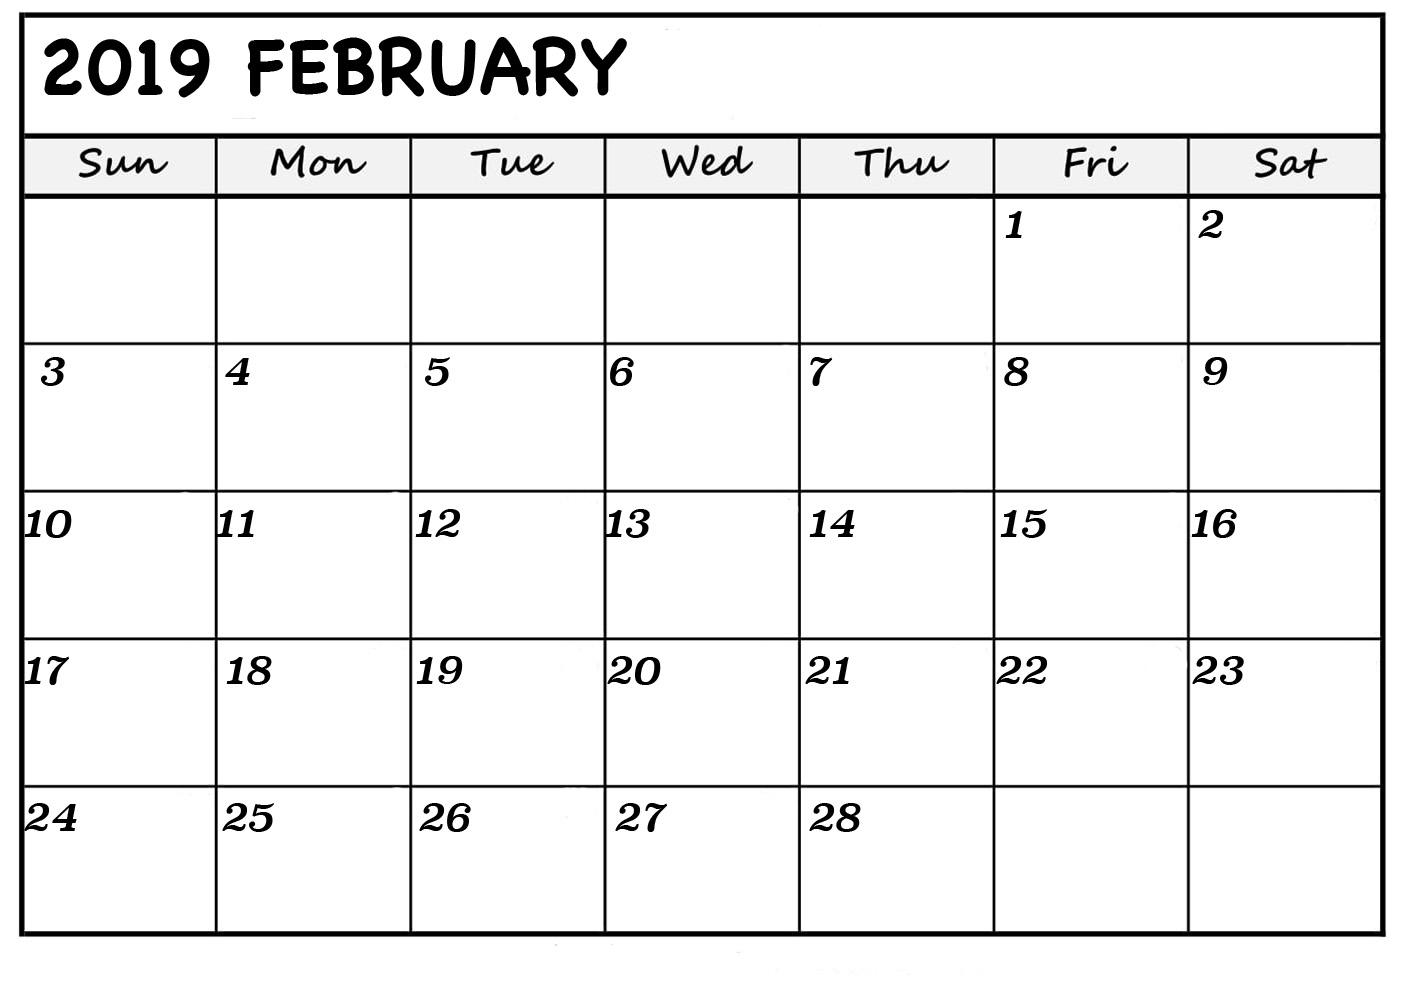 February Calendar 2019 PDF